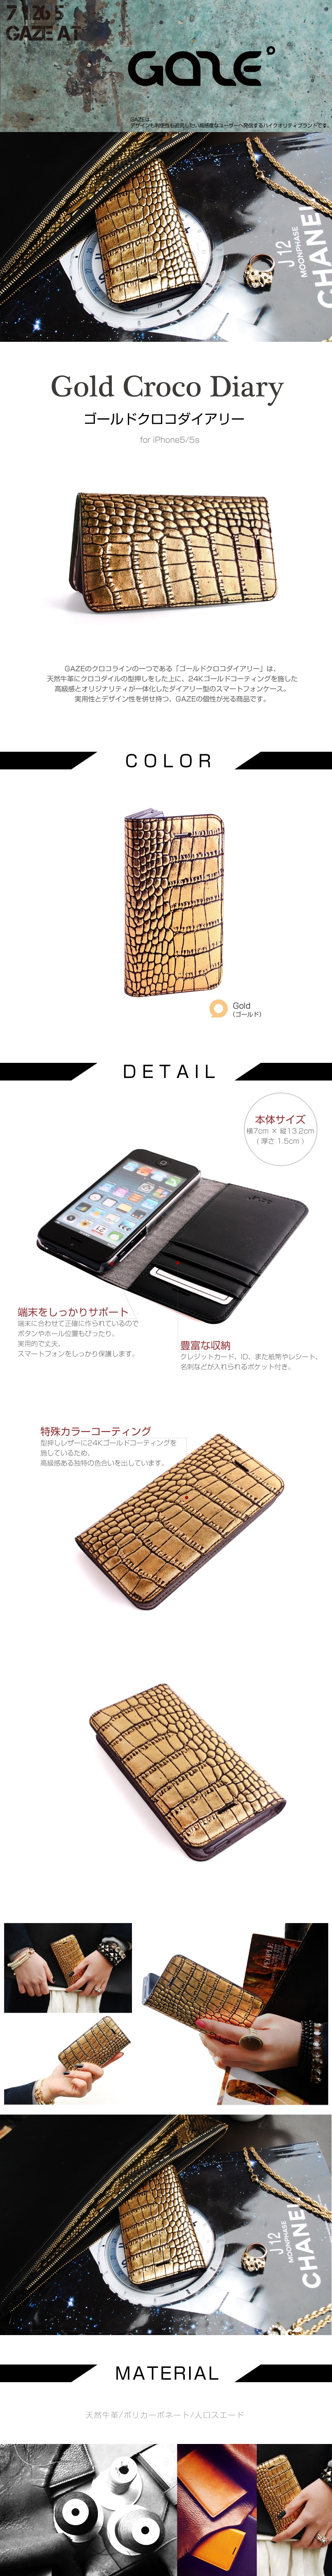 商品詳細iPhone5/5sGold Croco Diary (ゴールドクロコダイアリー)